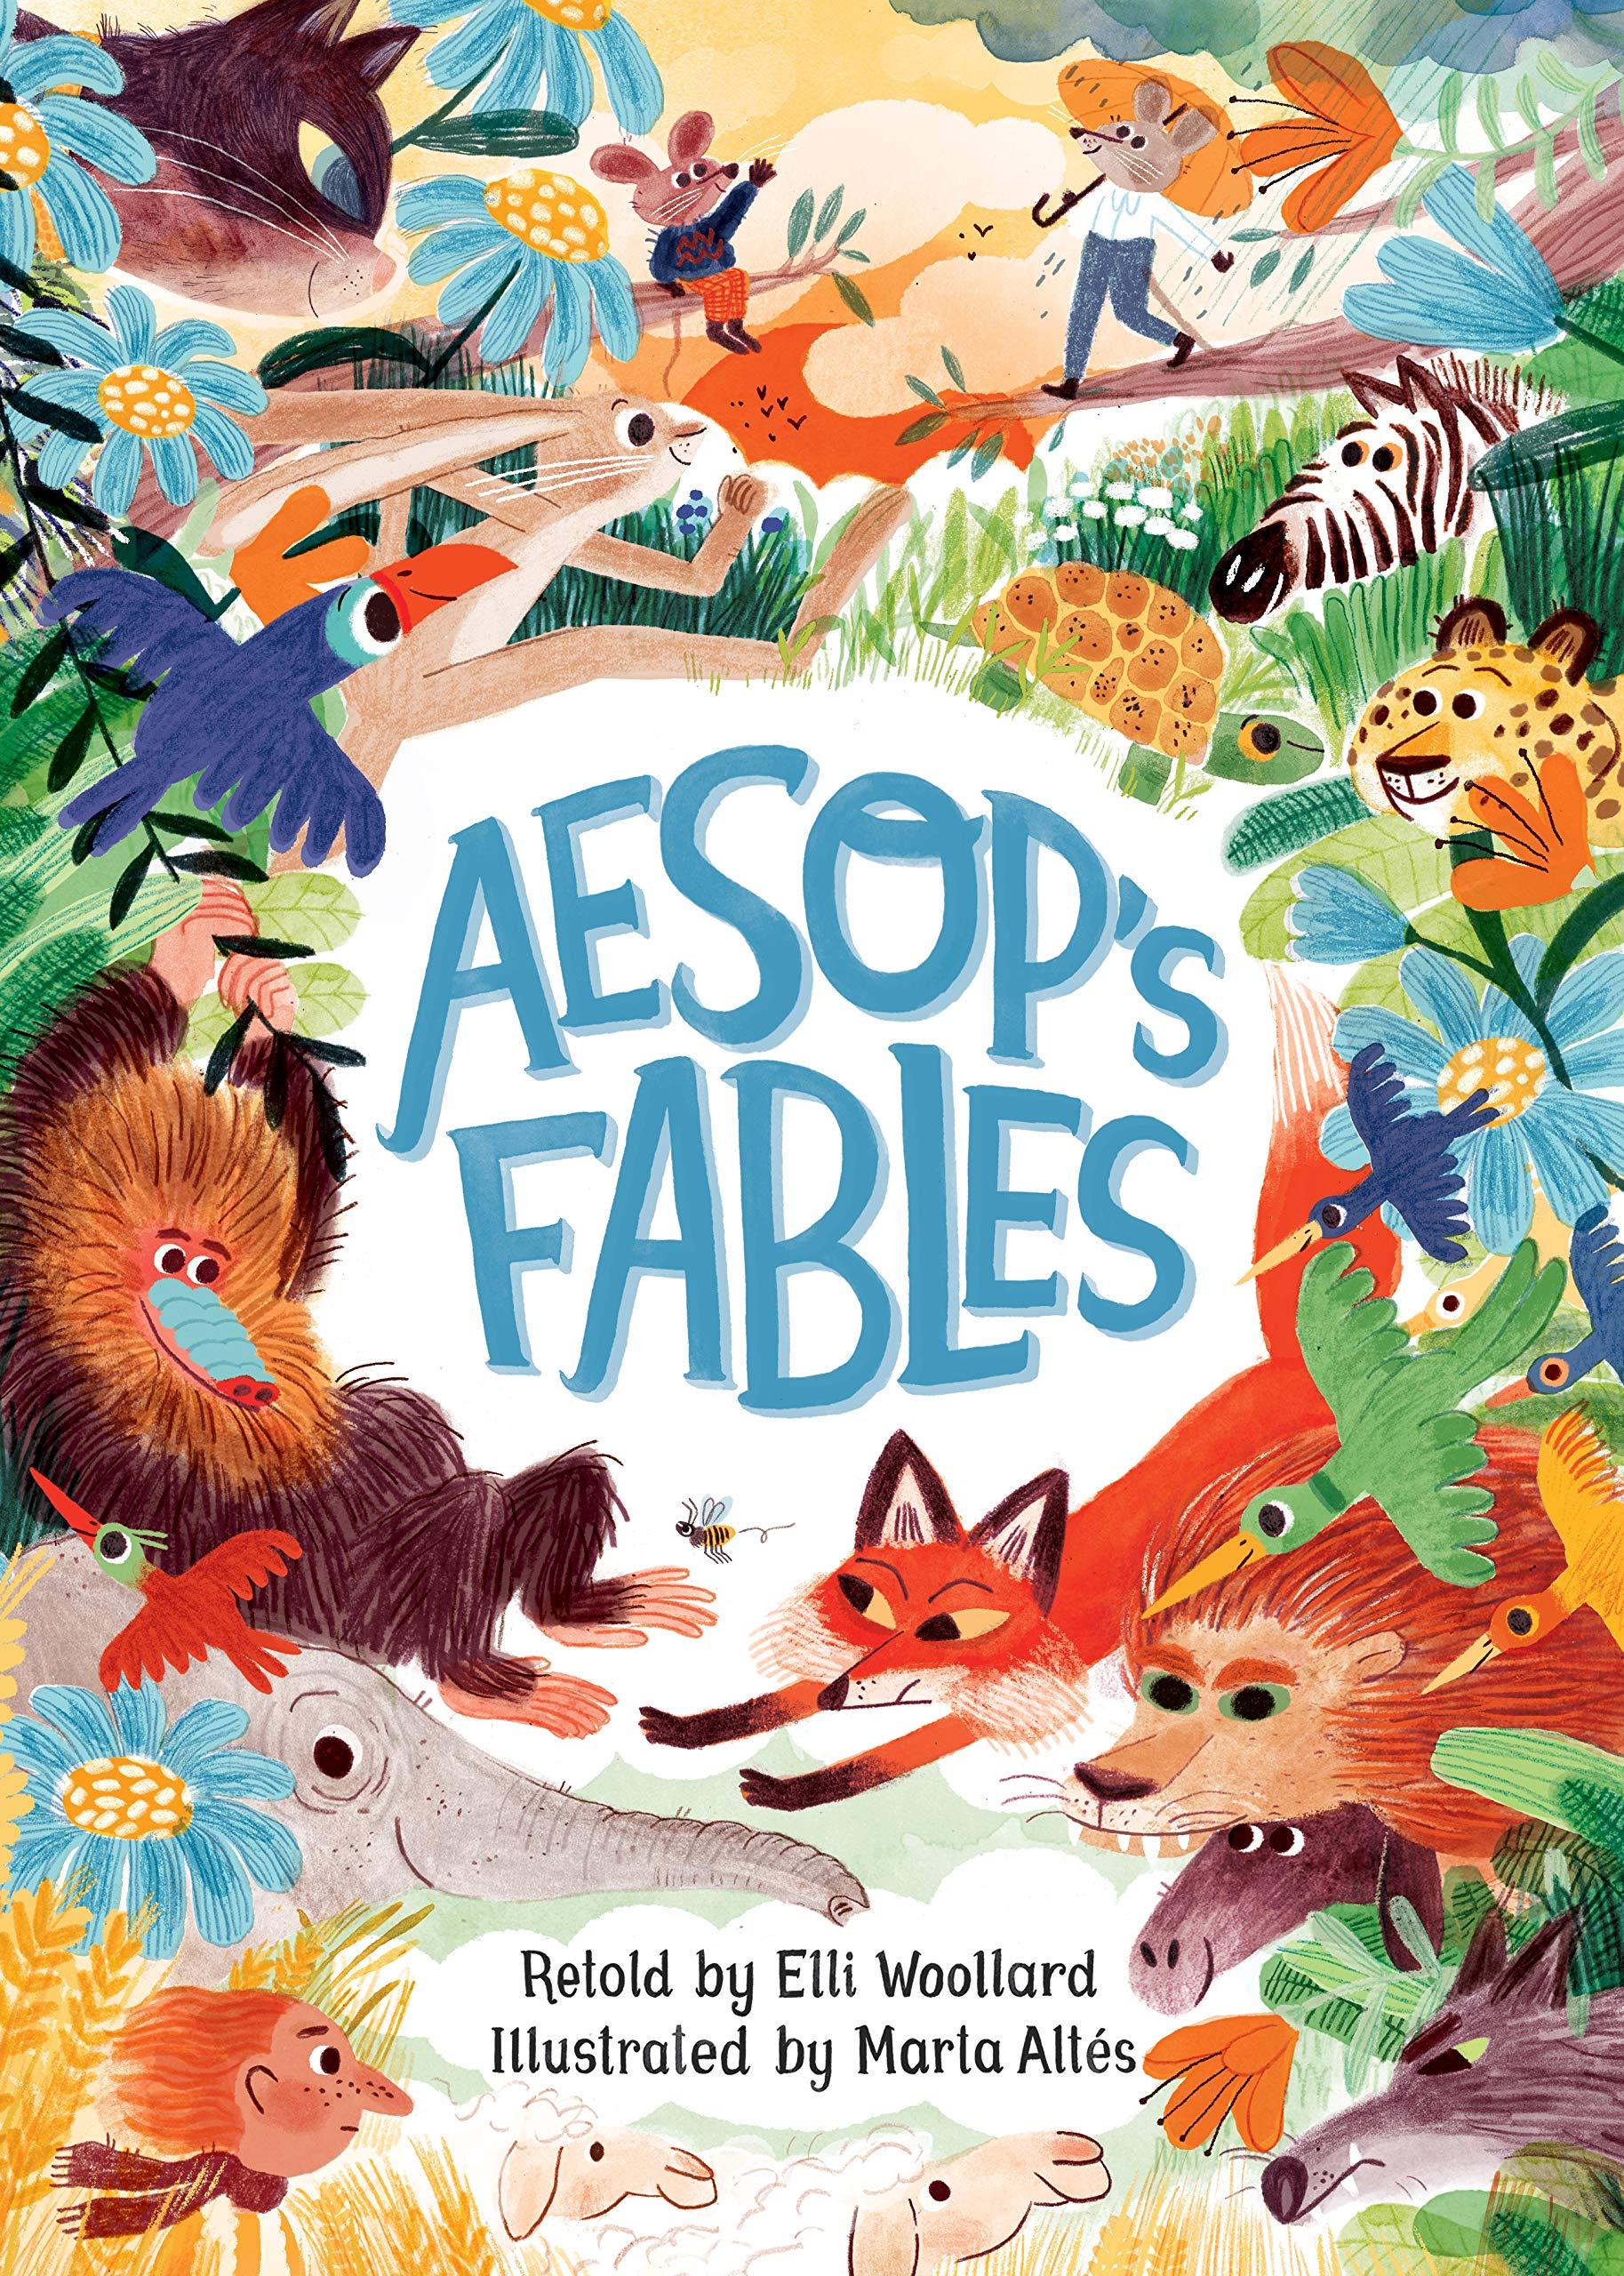 Aesop's Fables Retold By Elli Woollard